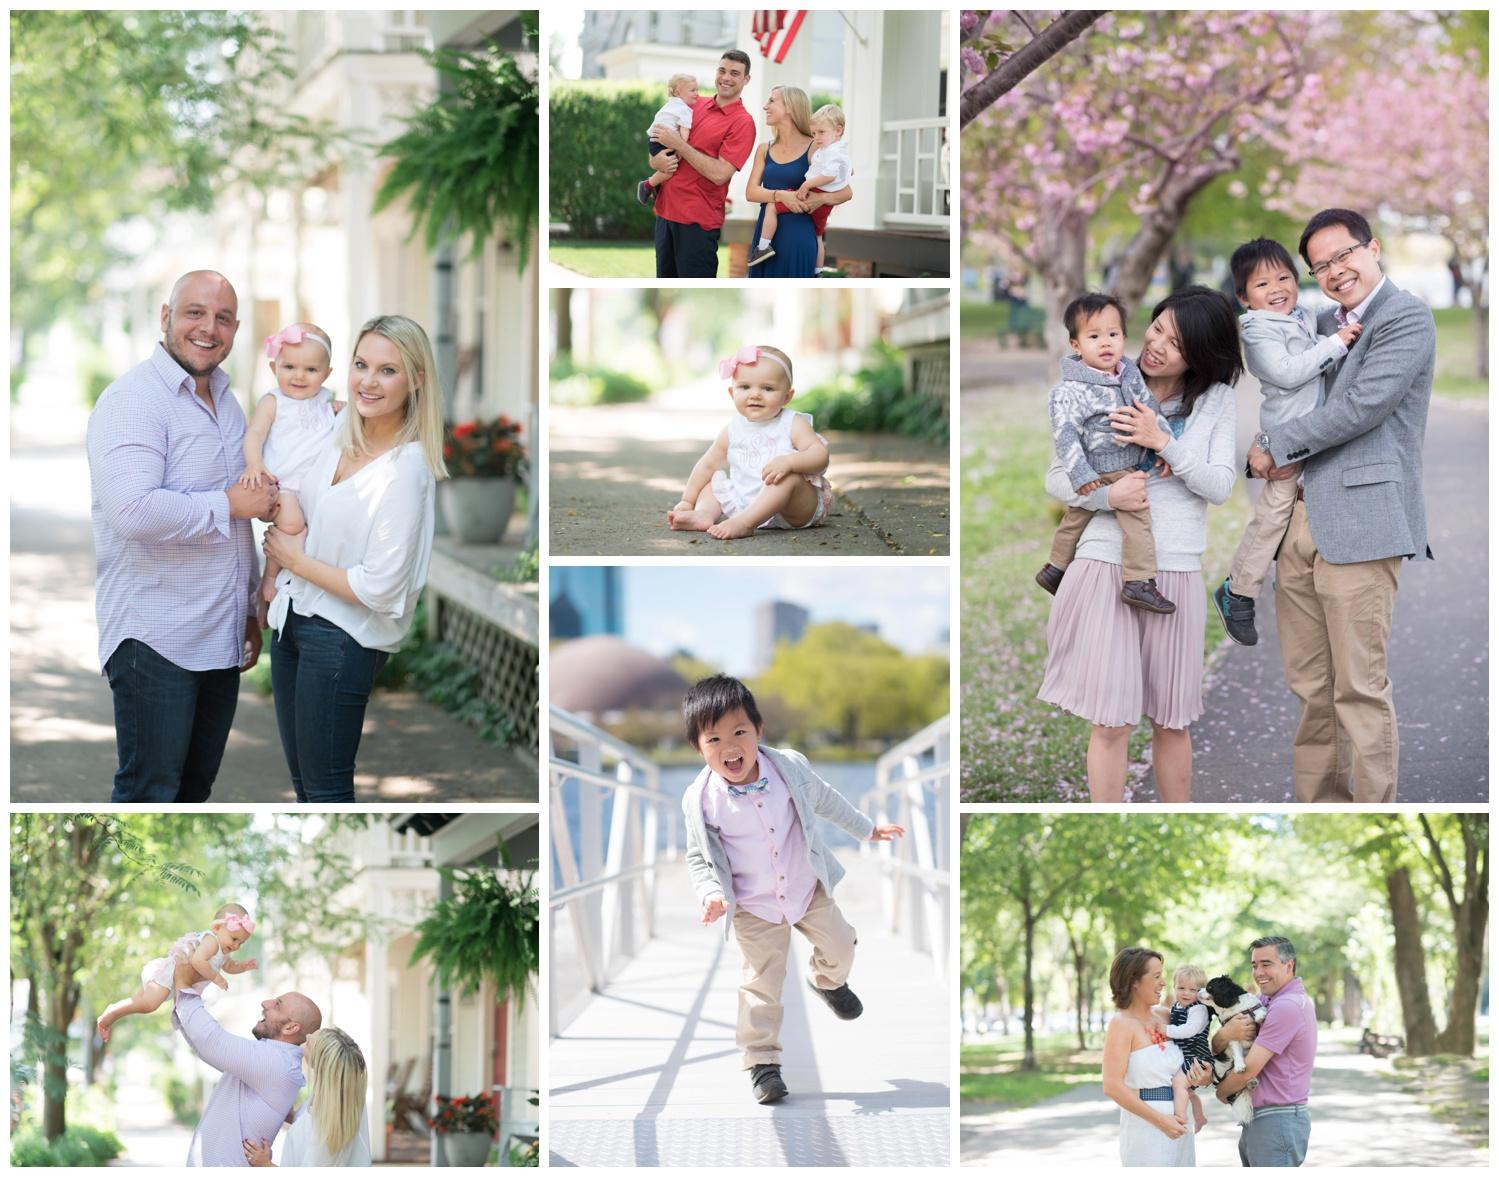 saratoga springs family photographer, boston family photographer, cape cod family photographer